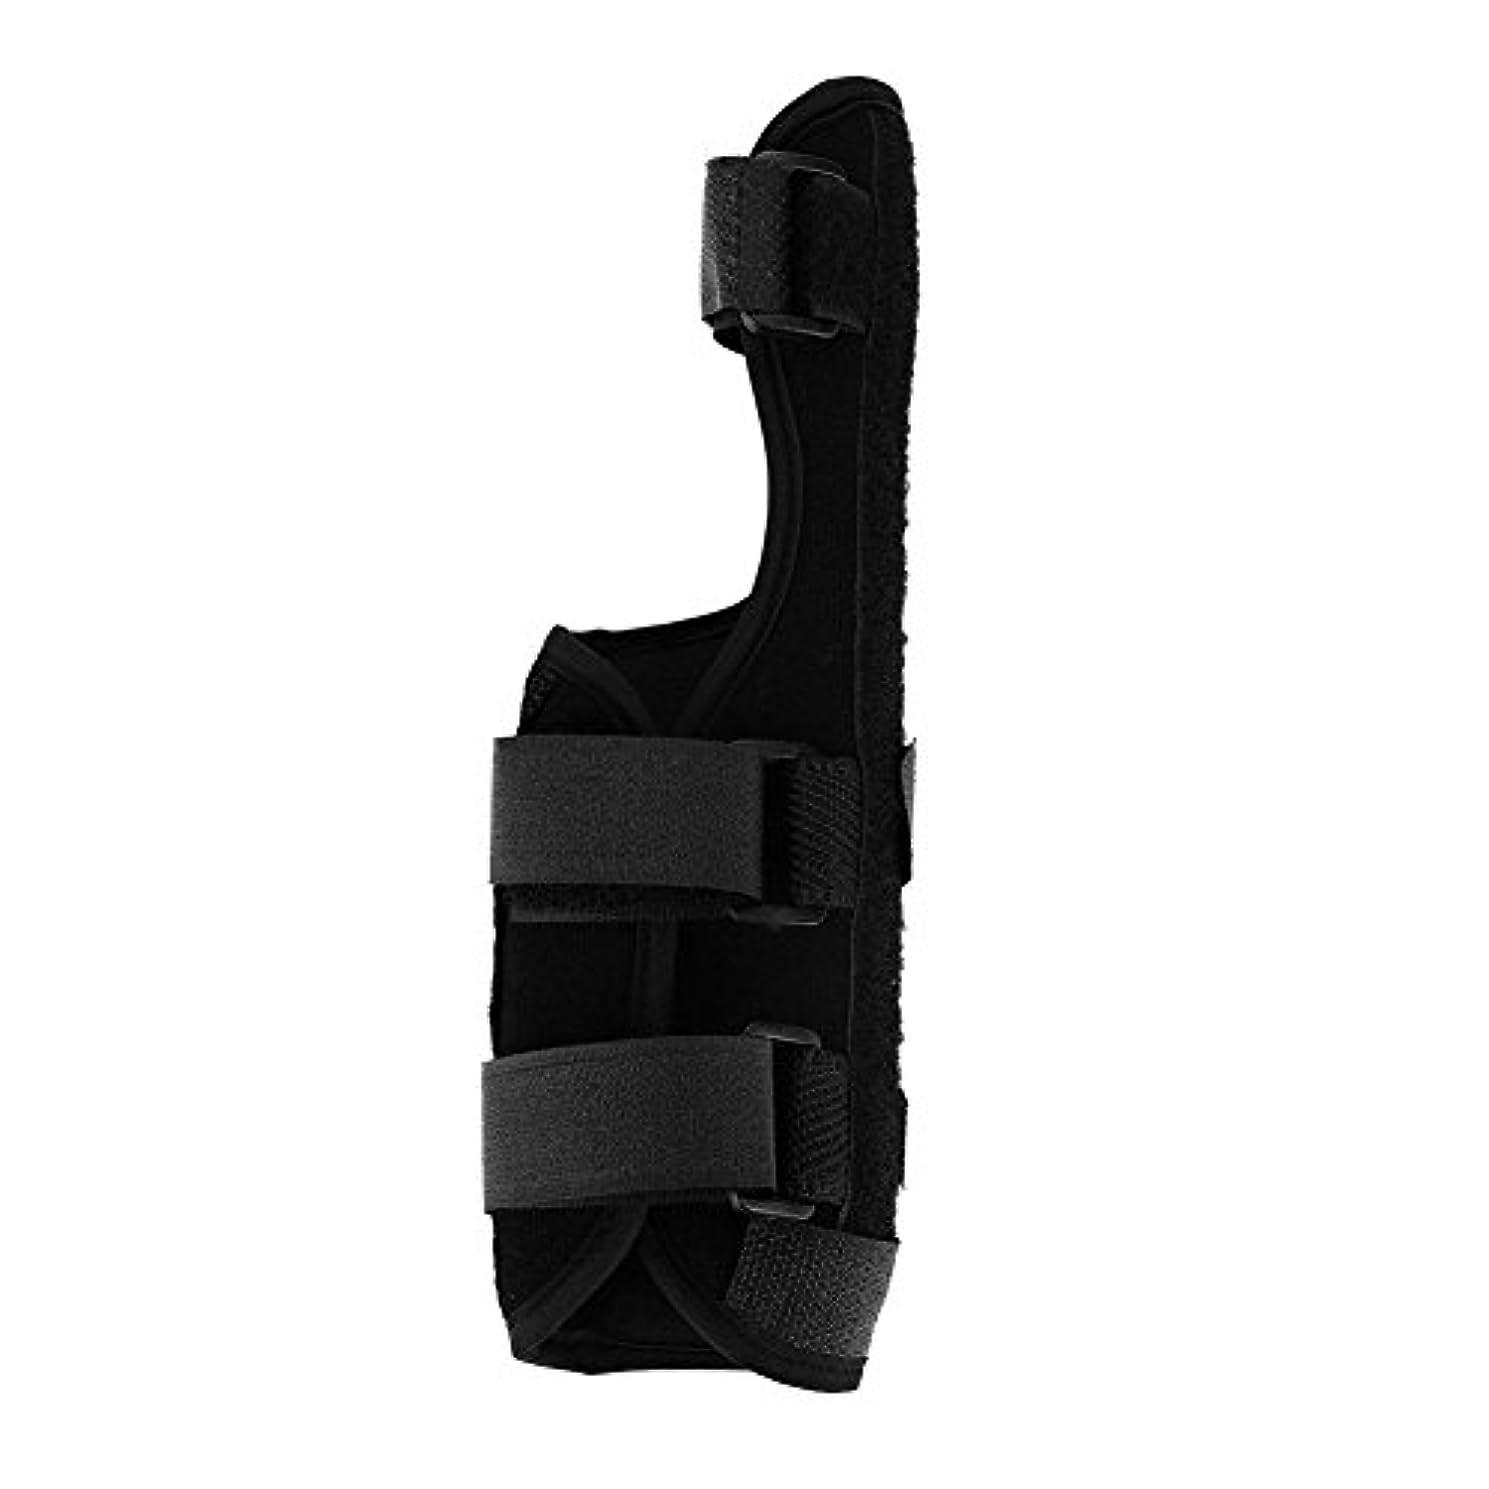 従事する四分円前進高度な手首ブレース - 手根管手首副子。手根管症候群、手首の痛み、捻挫、RSI、関節炎の即時鎮痛に最適(A la derechaM)